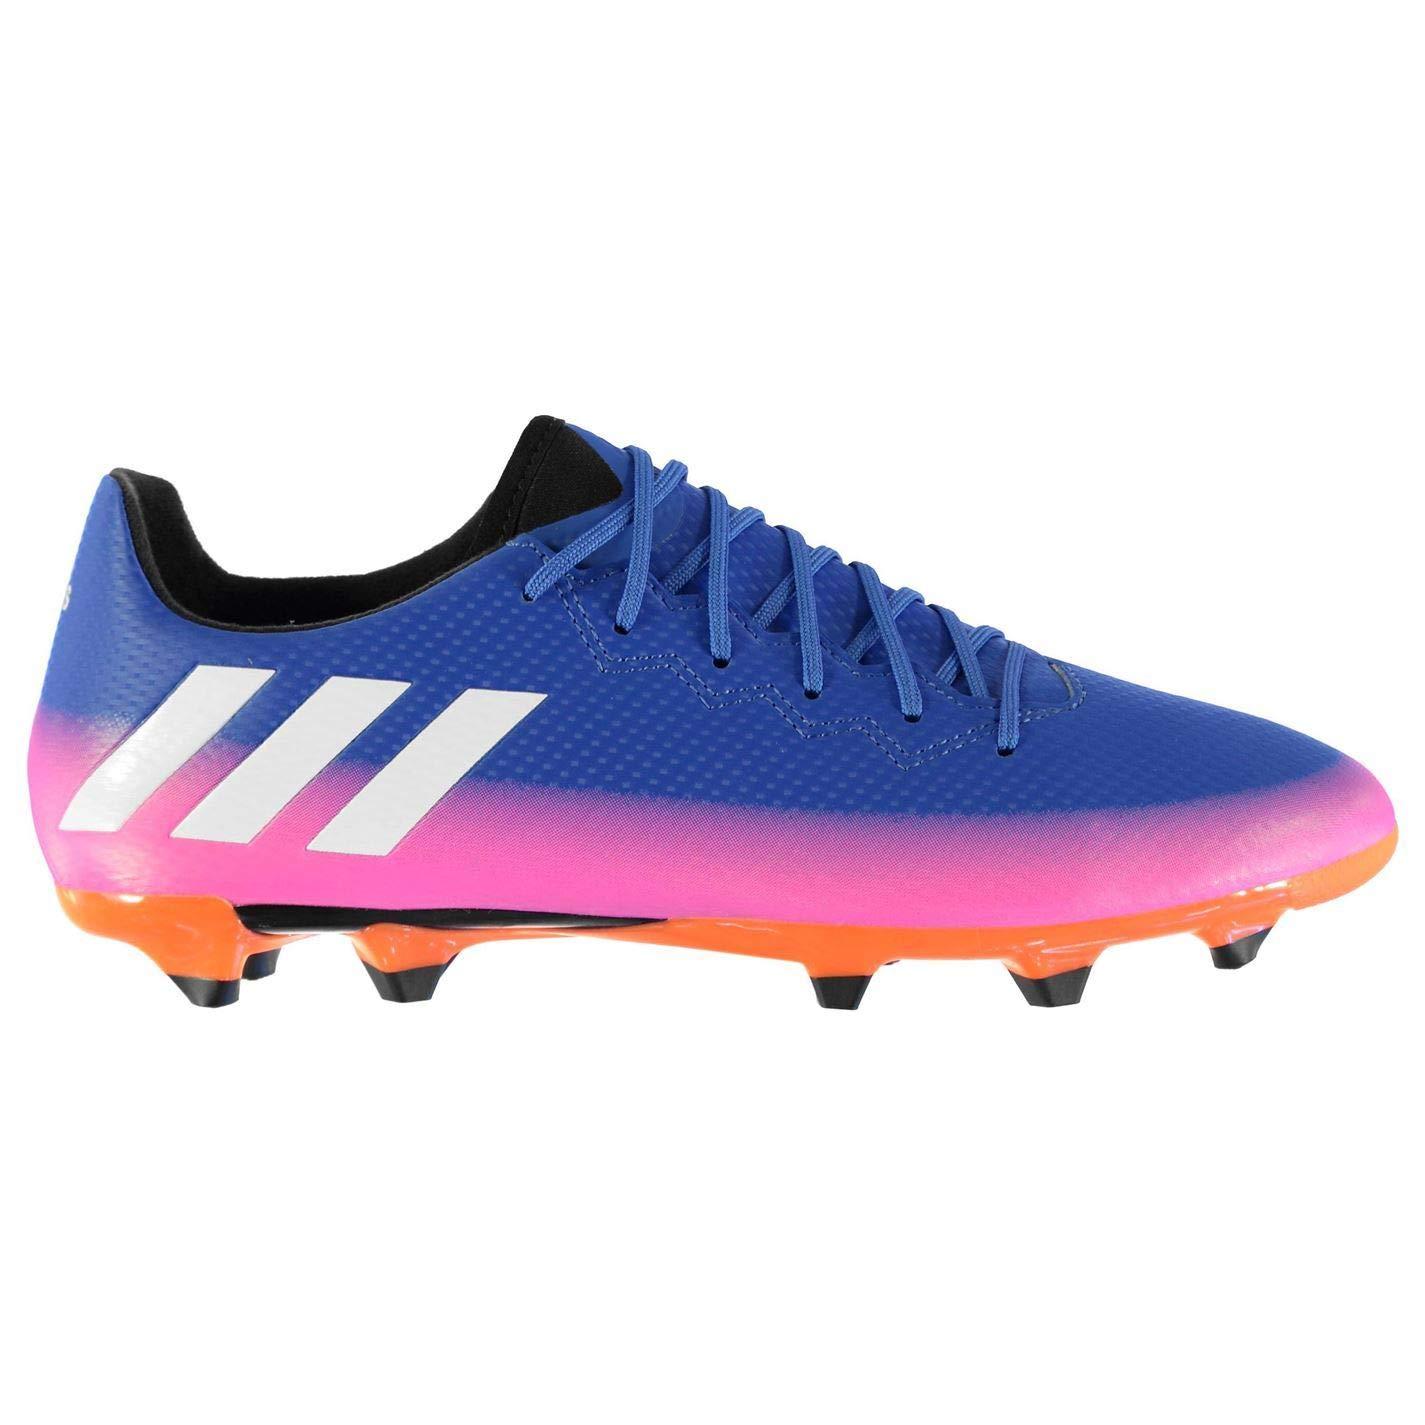 Adida Messi 16.3 FG Fußballschuhe für Herren, Blau Weiß